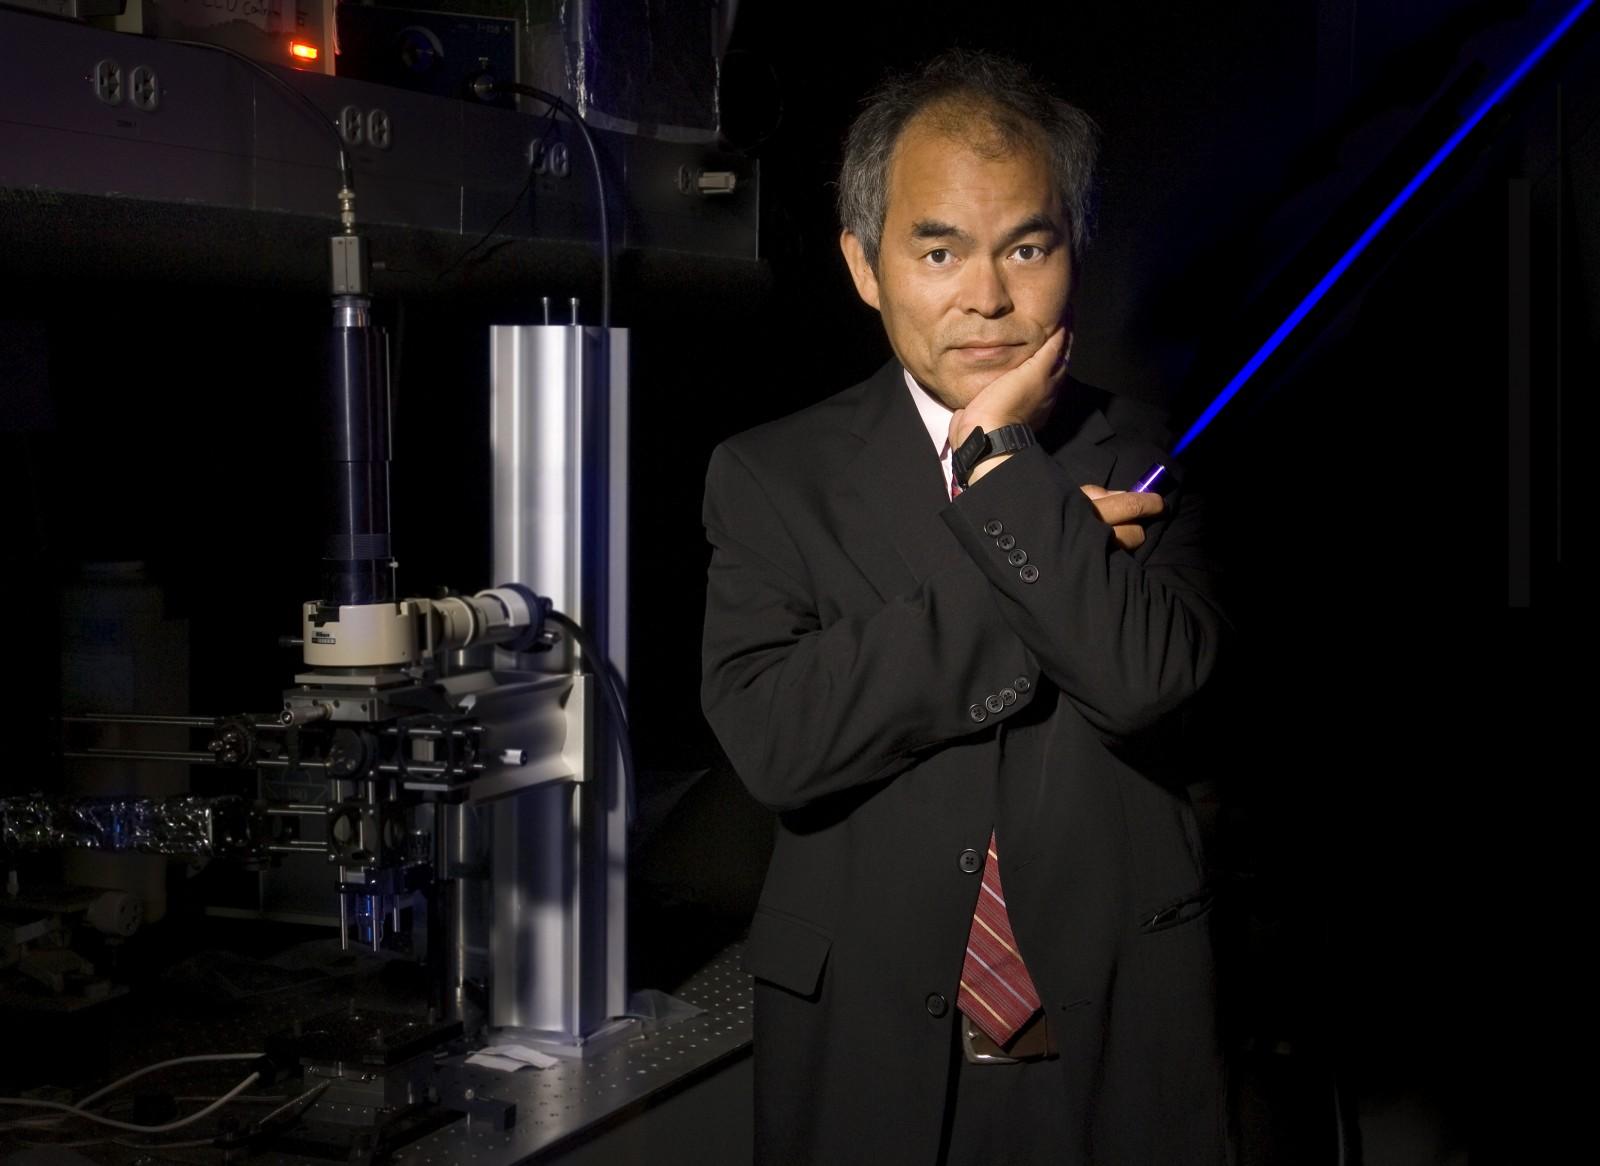 <h1>Nobelpris till grundaren av Soraa</h1><h4>Soraa grundades 2008 av  tre professorer inom elektronikområdet. En av dem, Dr. Shuji Nakamura, har nu belönats med Nobelpriset i fysik för sina insatser.</h4><a href='http://www.stockholmlighting.se/nyheter/nobelpris-till-grundaren-av-soraa'>Läs mer <i class='icon-arrow-right'></i></a>